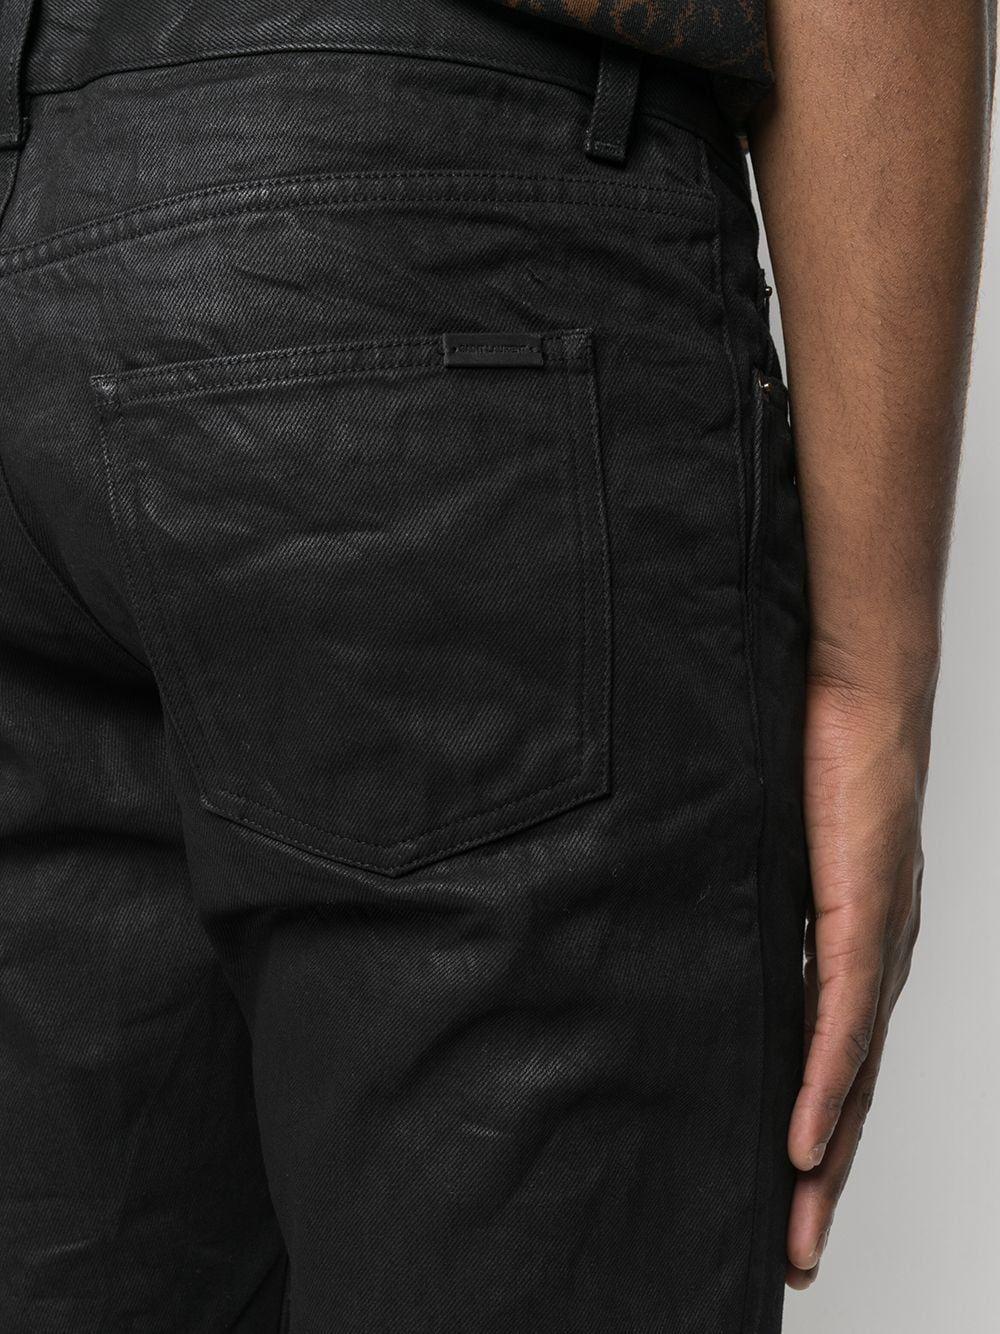 Saint laurent  jeans nero - Saint Laurent